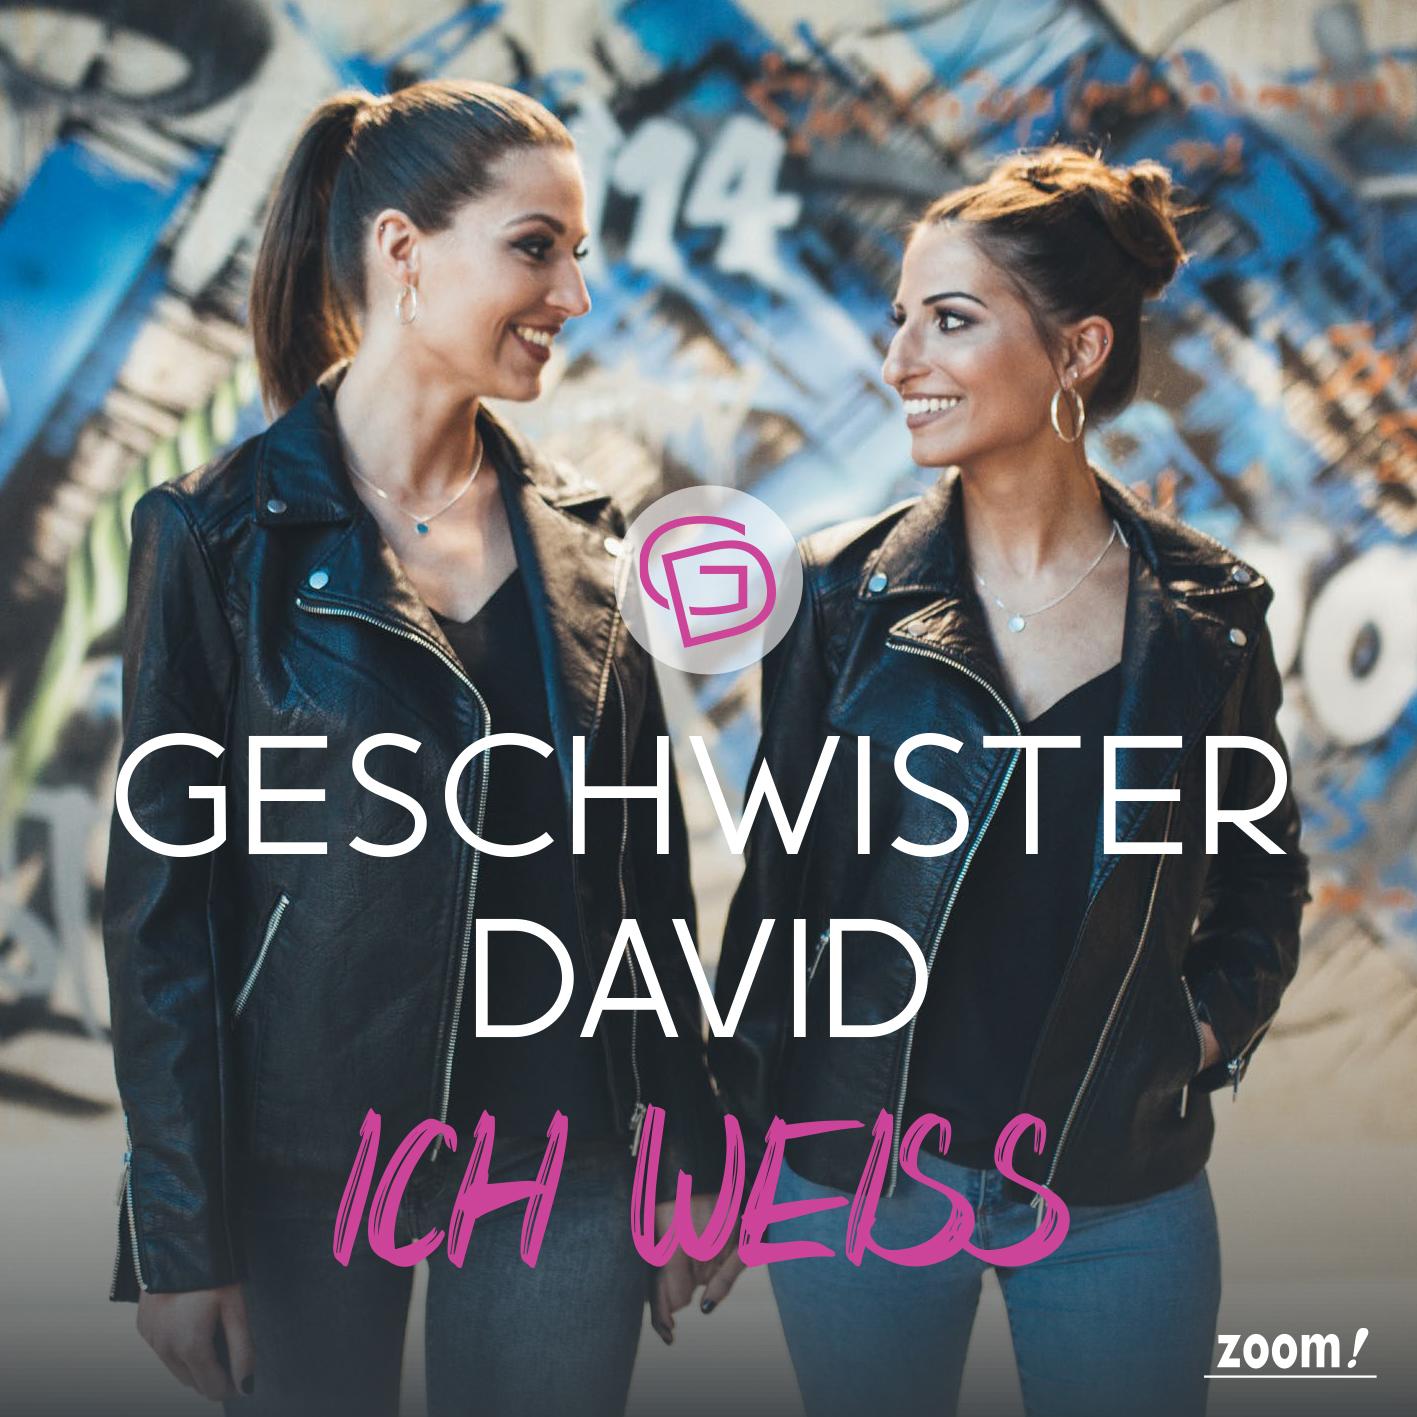 GESCHWISTER DAVID * Ich weiß (Download-Track)